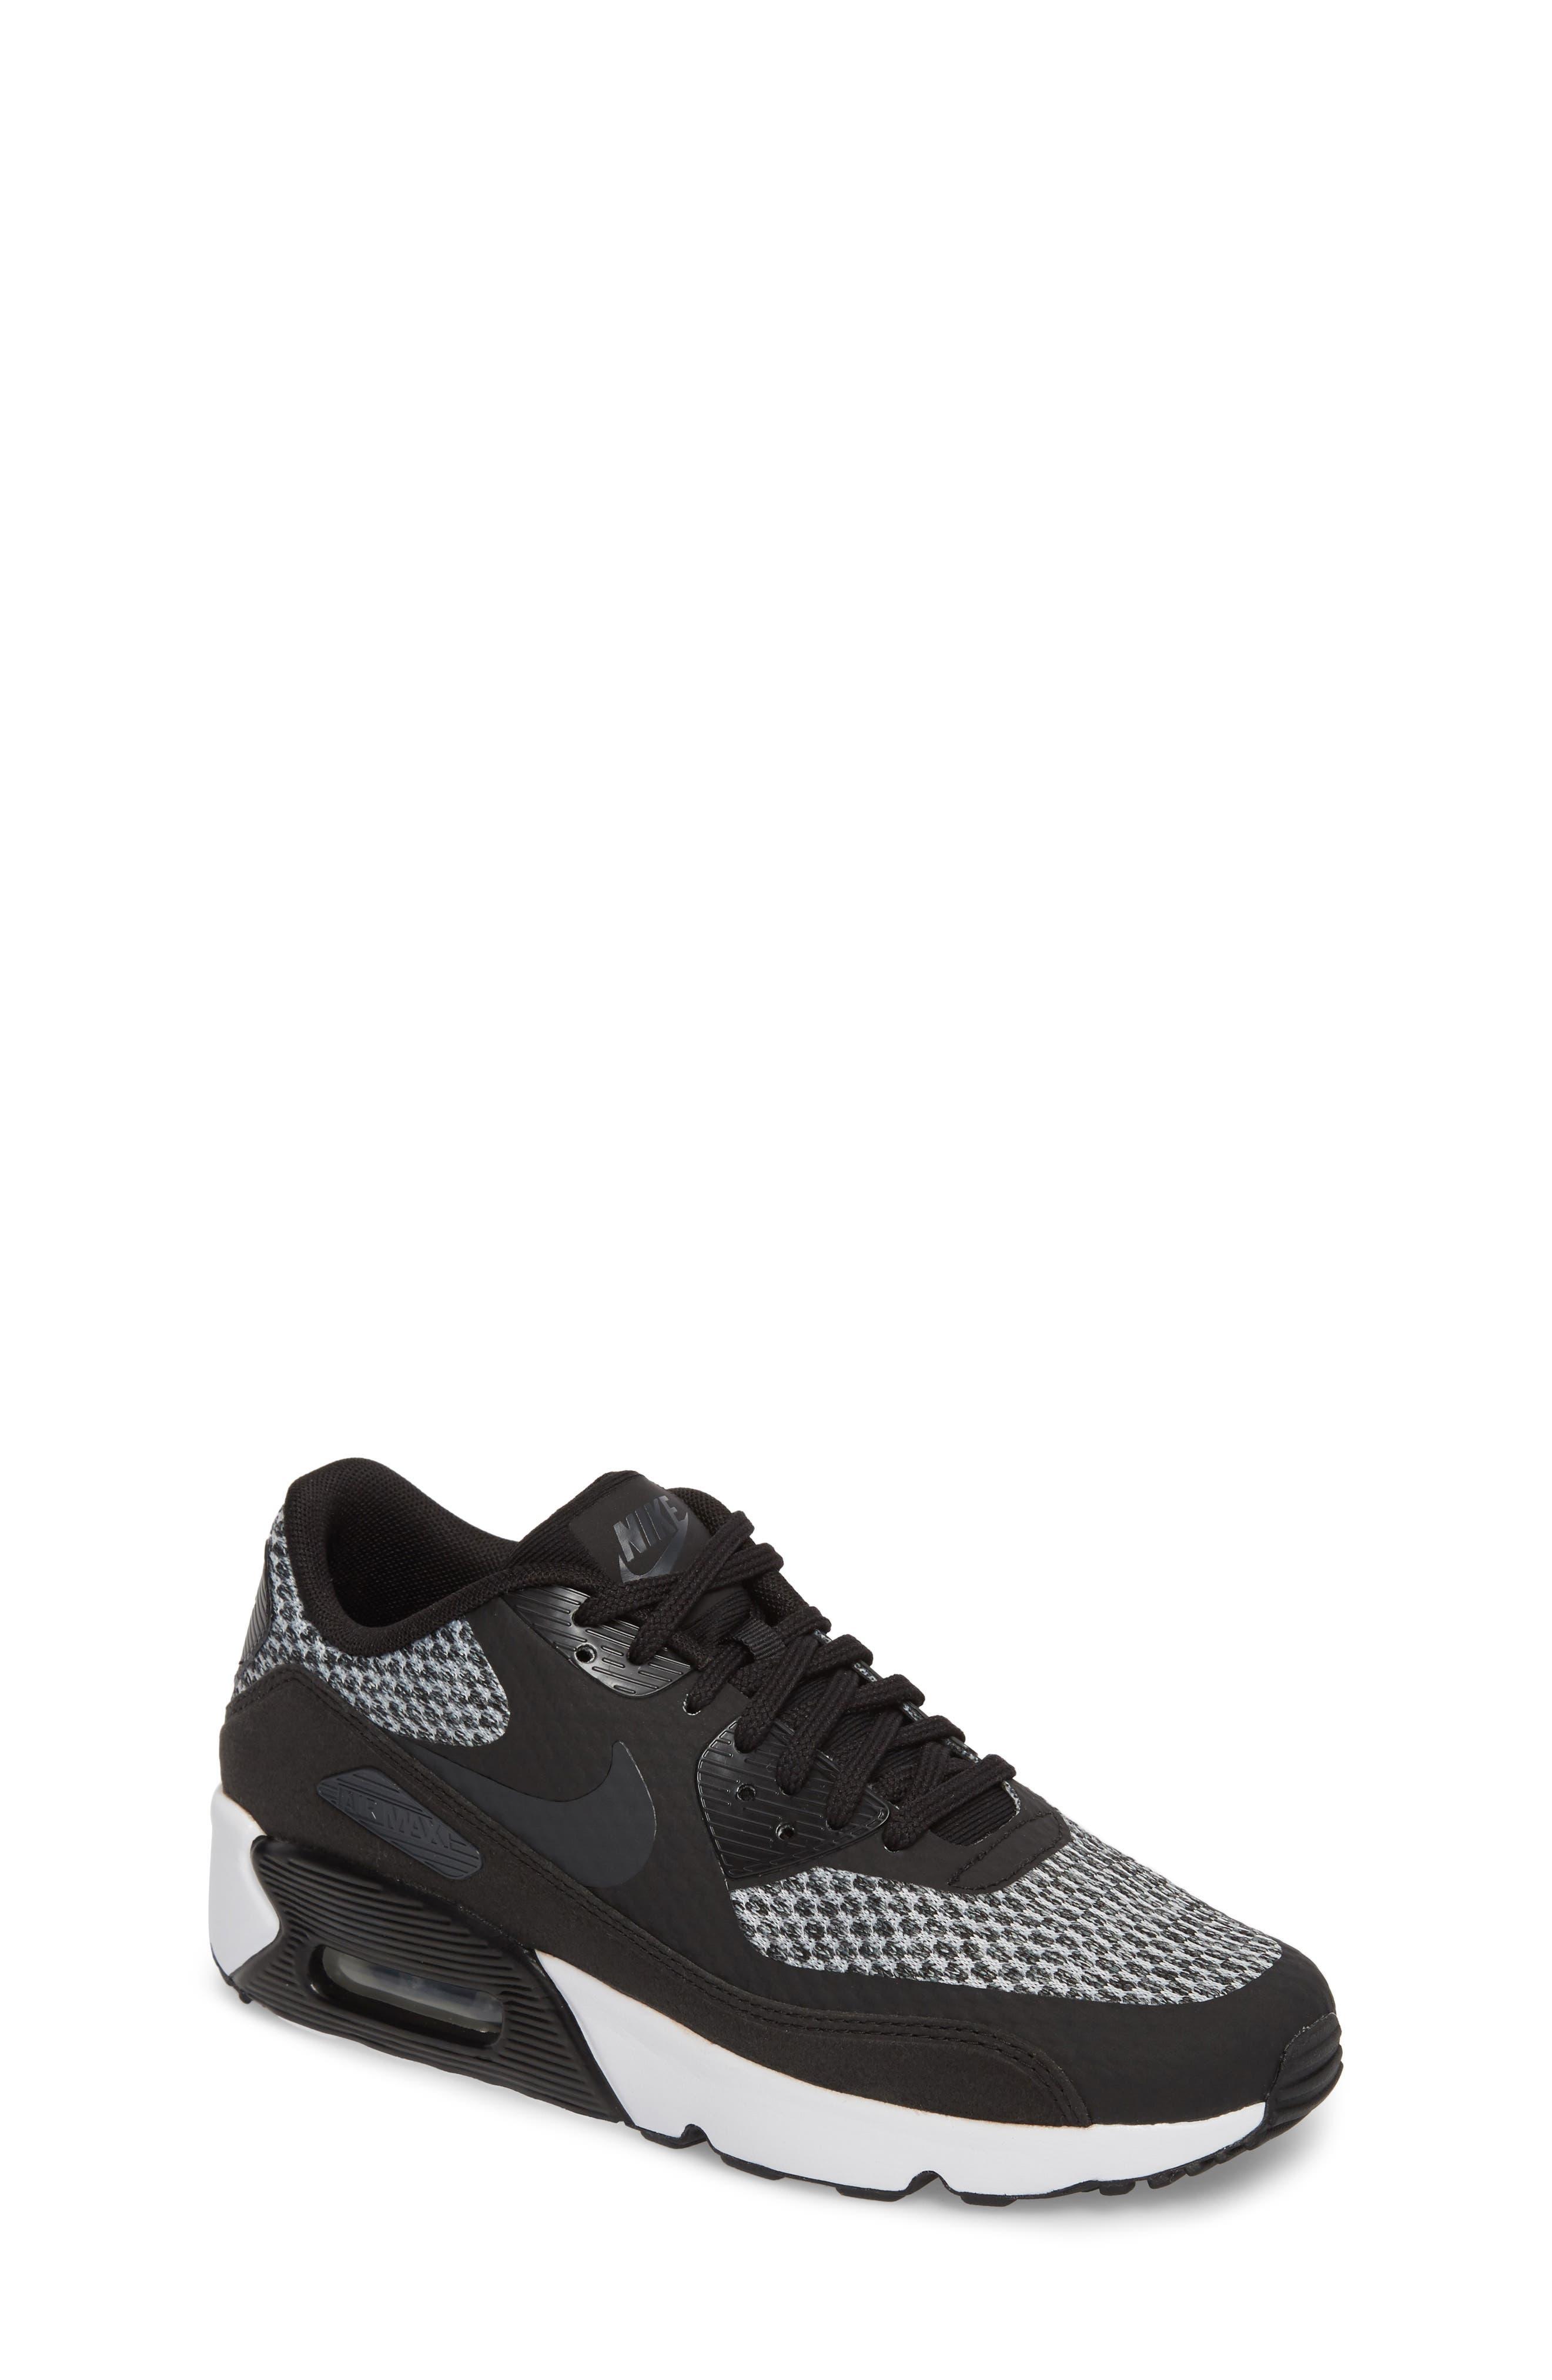 Alternate Image 1 Selected - Nike Air Max 90 Ultra 2.0 SE Sneaker (Big Kid)